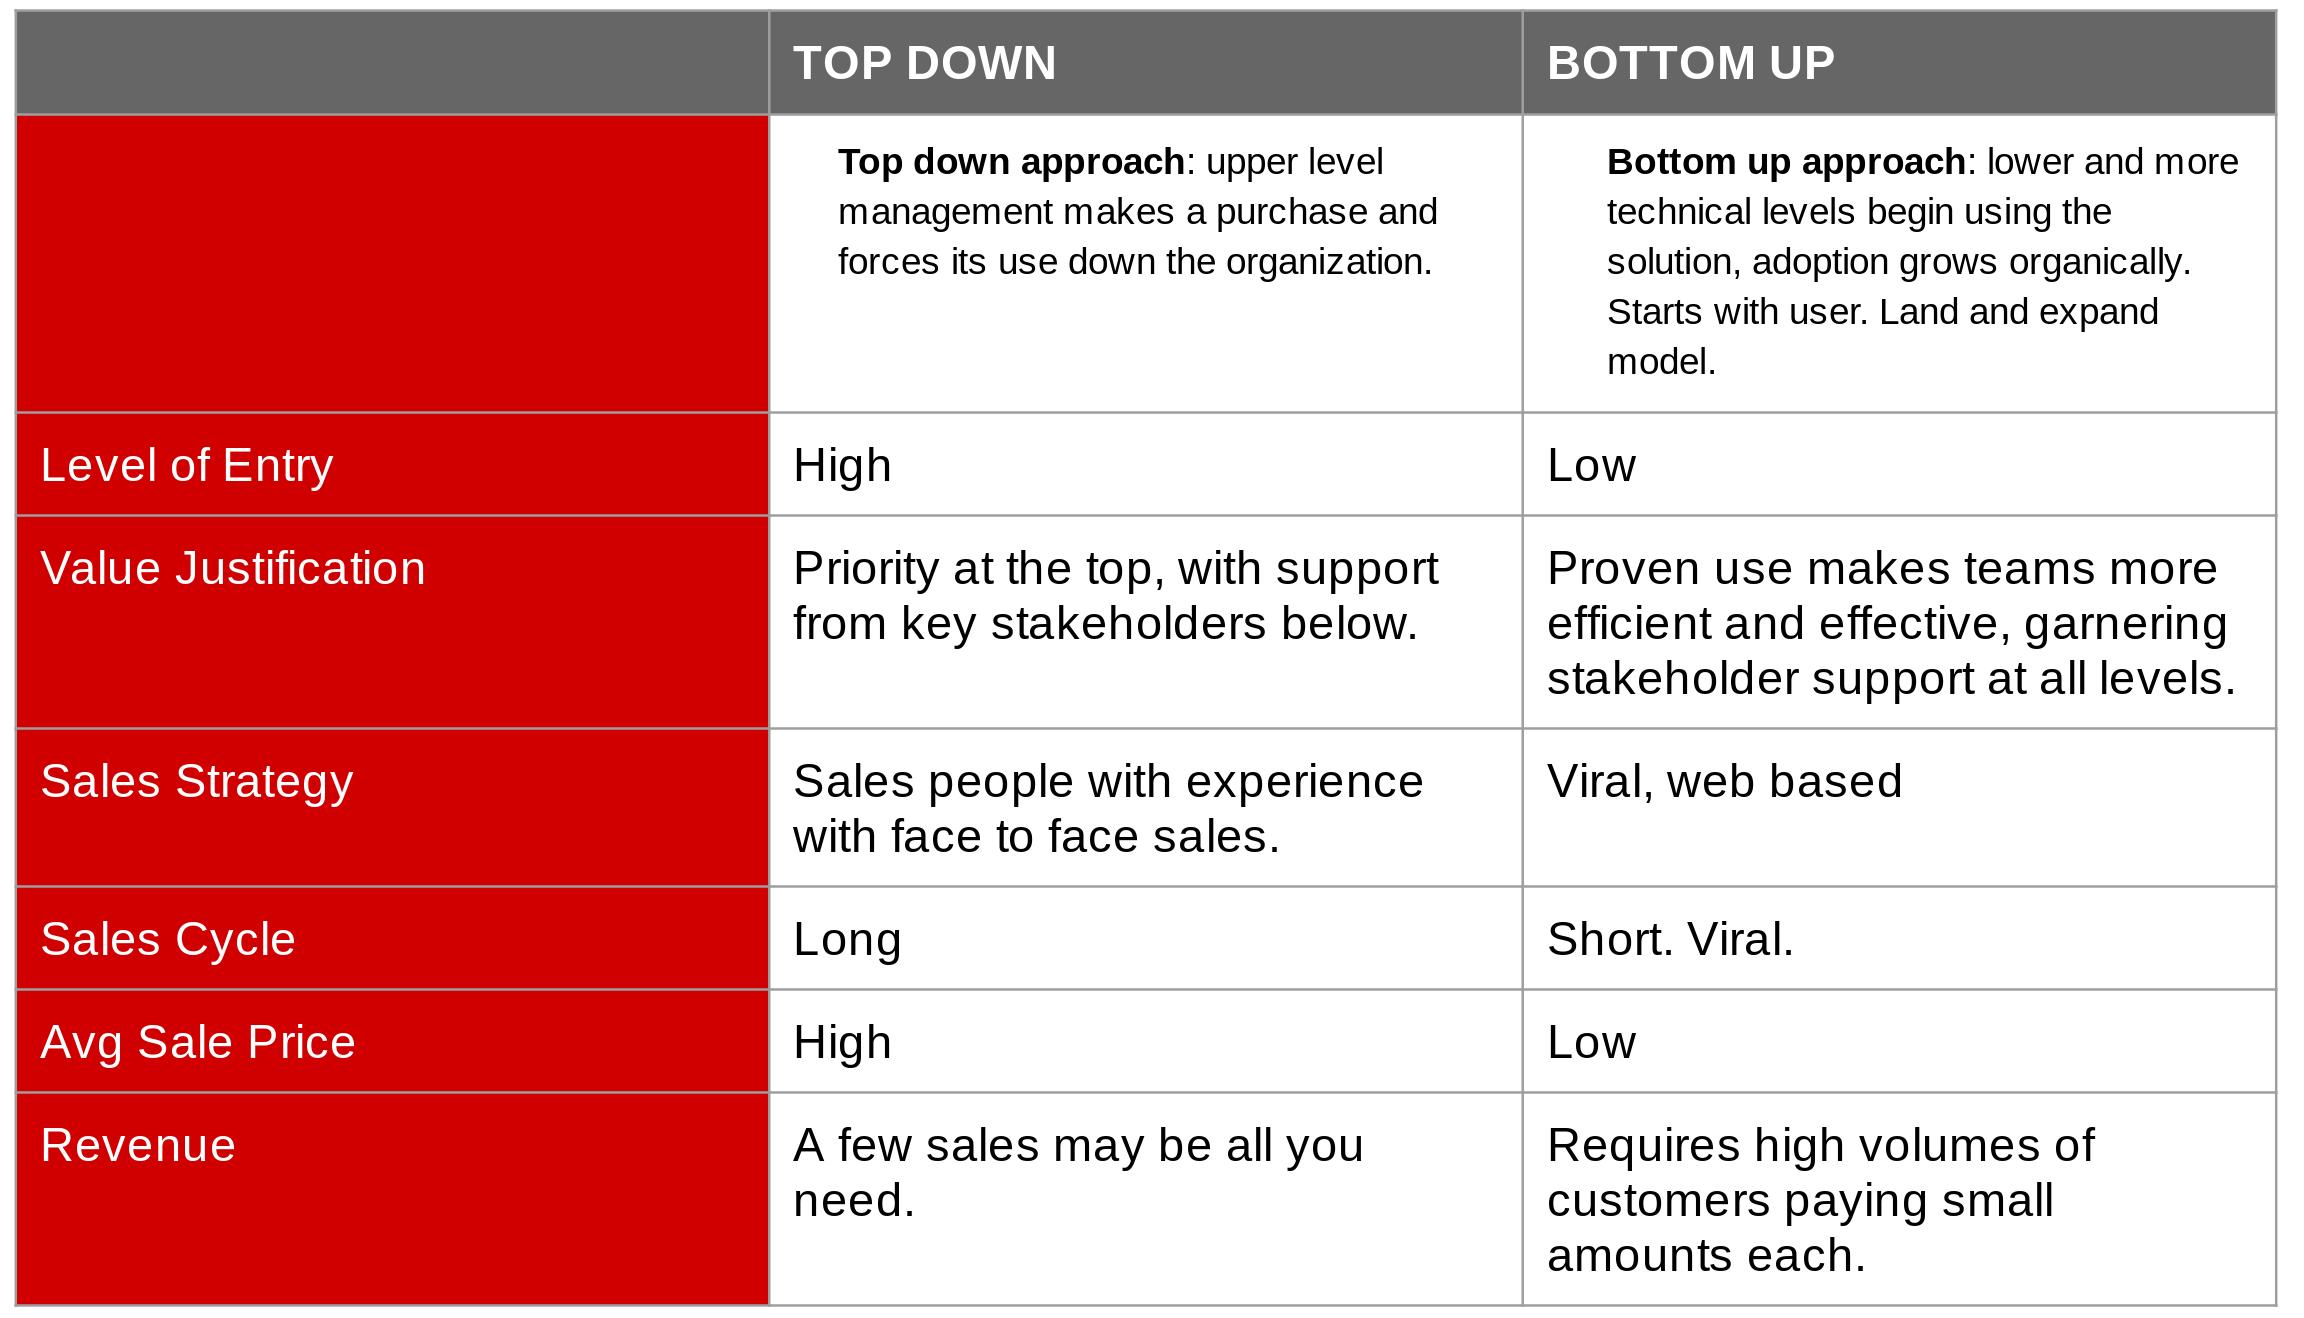 Bottom Up Go-2-Market Model